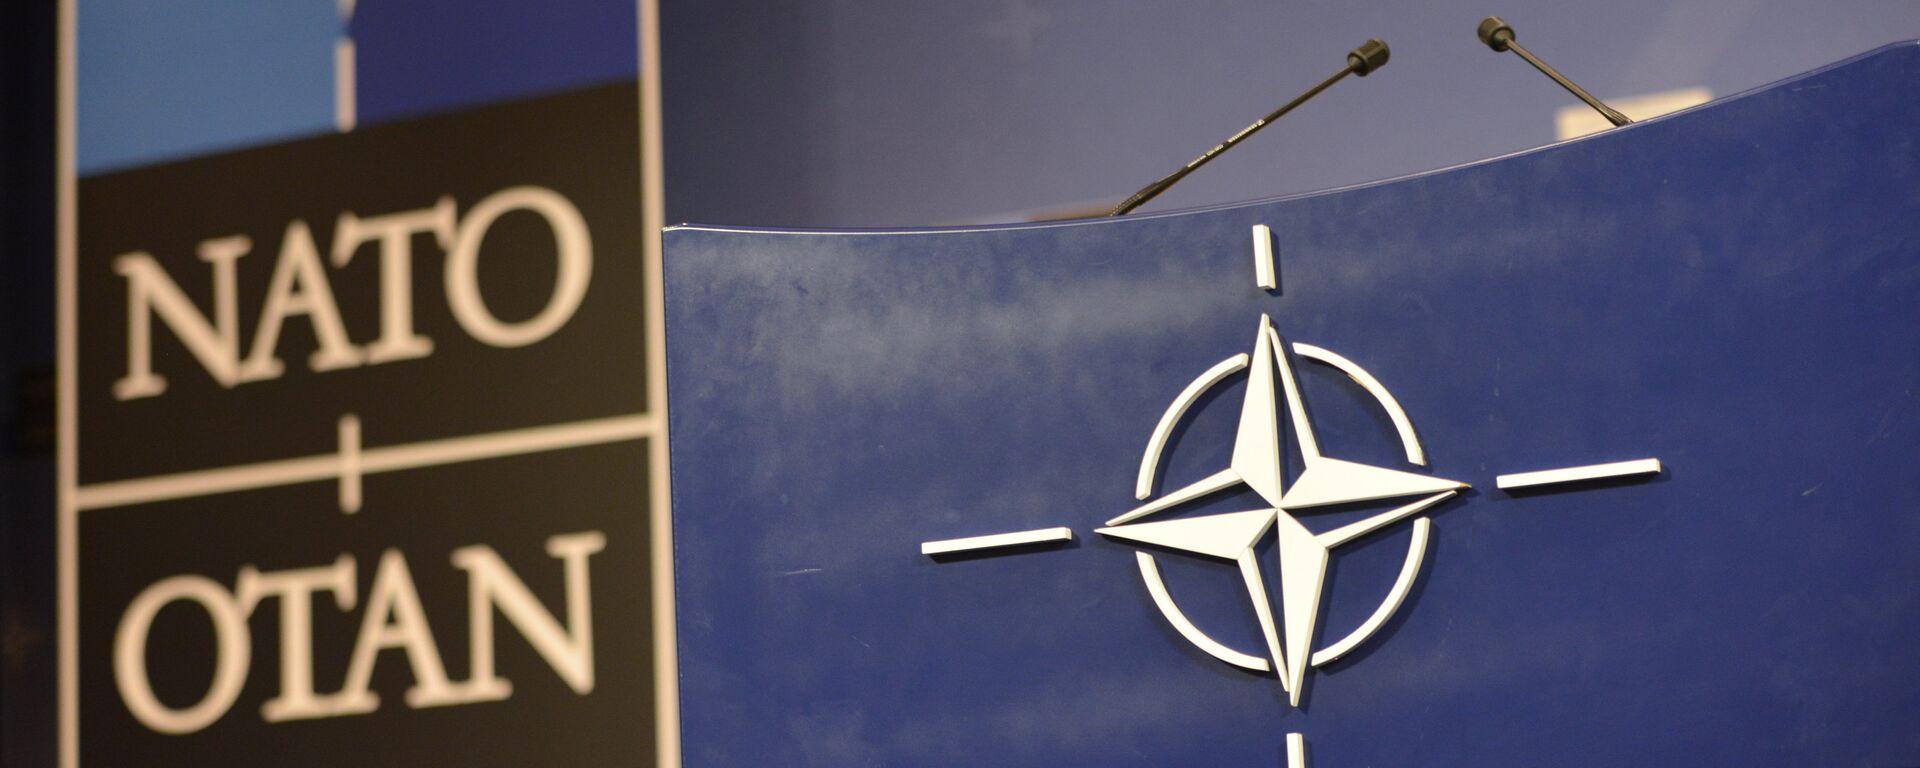 Трибуна в зале для пресс-конференций штаб-квартиры НАТО. - Sputnik Грузия, 1920, 03.09.2021